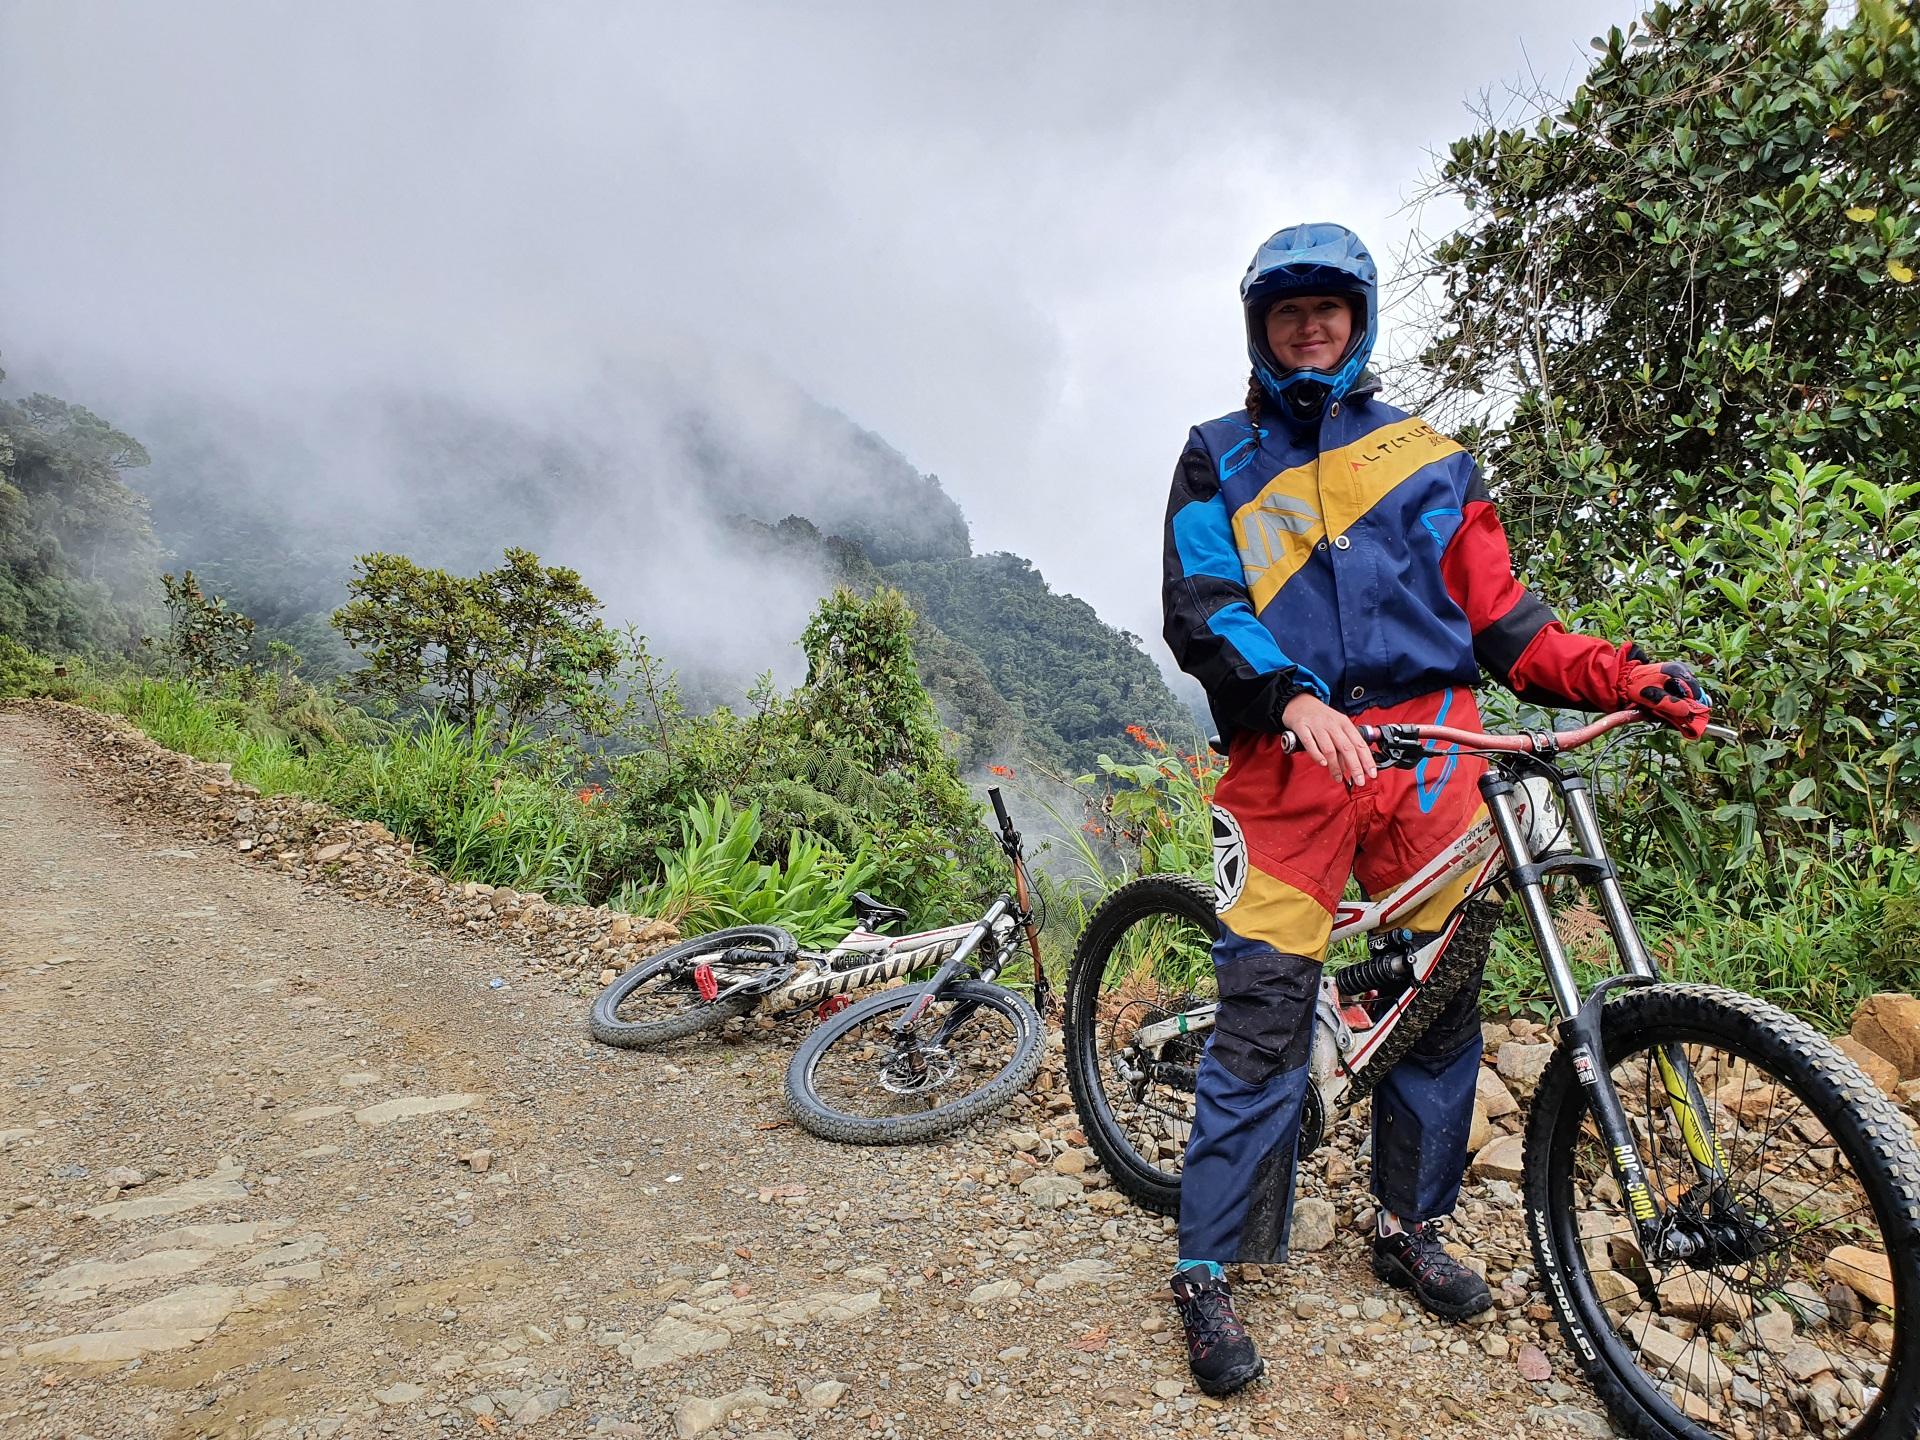 Otilija Bolivijoje dviračiu įveikė vadinamąjį Mirties kelią, kuris yra pasiglemžęs tūkstančius gyvybių. Asmeninio archyvo nuotr.